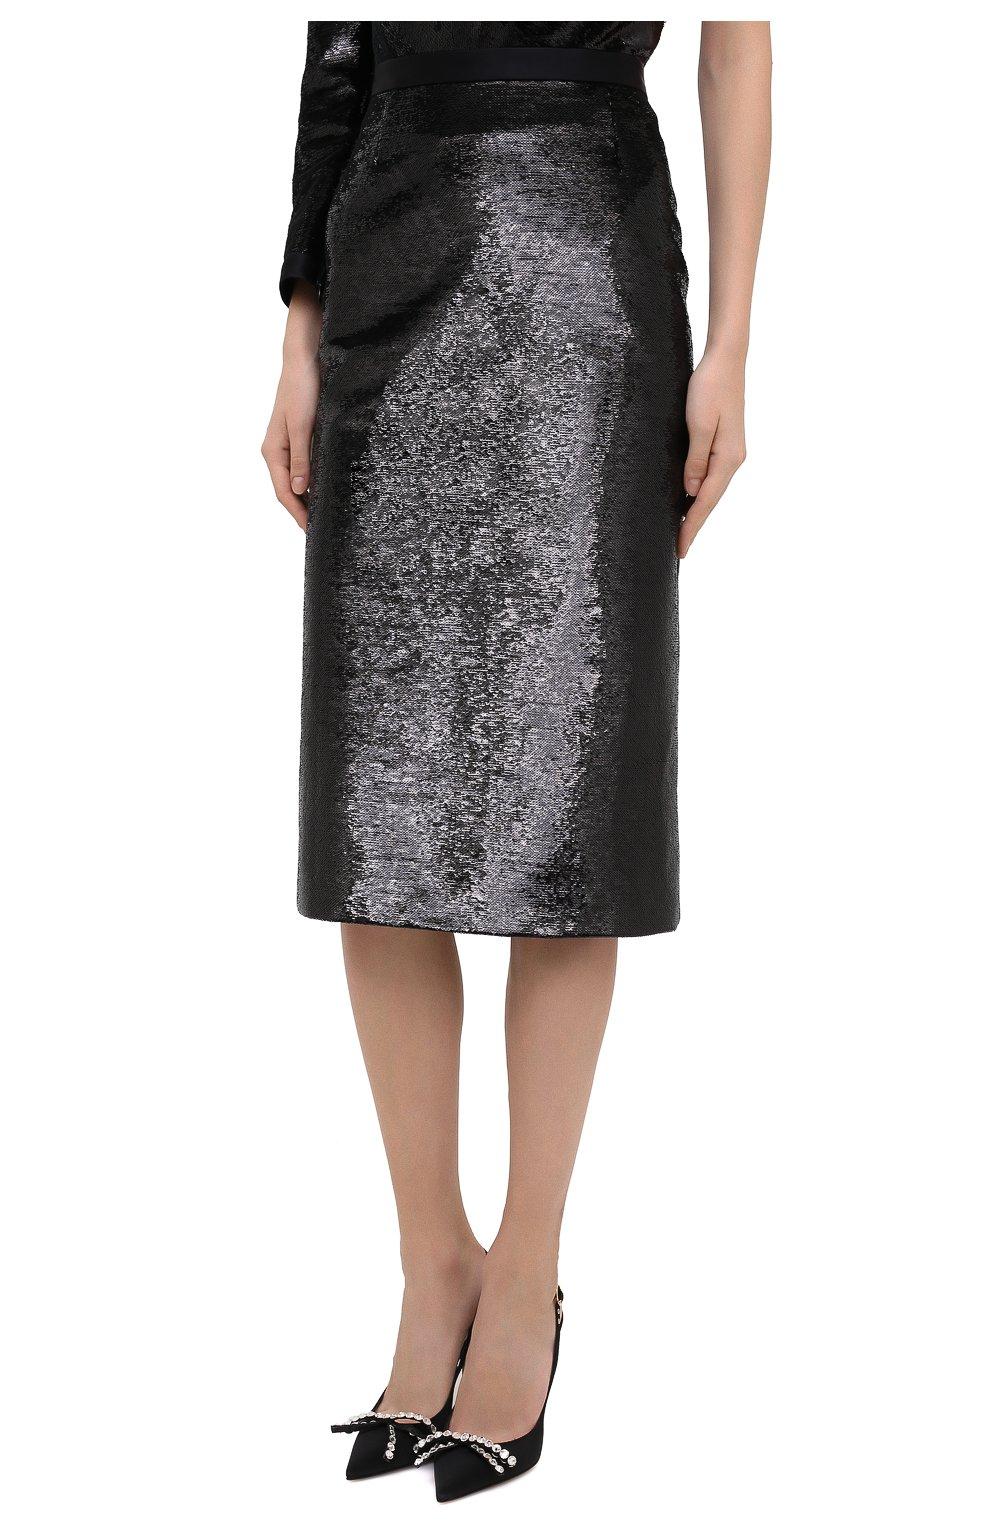 Женская юбка ZUHAIR MURAD черного цвета, арт. SKP20311/EMSE004 | Фото 3 (Женское Кросс-КТ: Юбка-карандаш, Юбка-одежда; Материал внешний: Синтетический материал; Длина Ж (юбки, платья, шорты): Миди; Стили: Романтичный; Материал подклада: Купро)